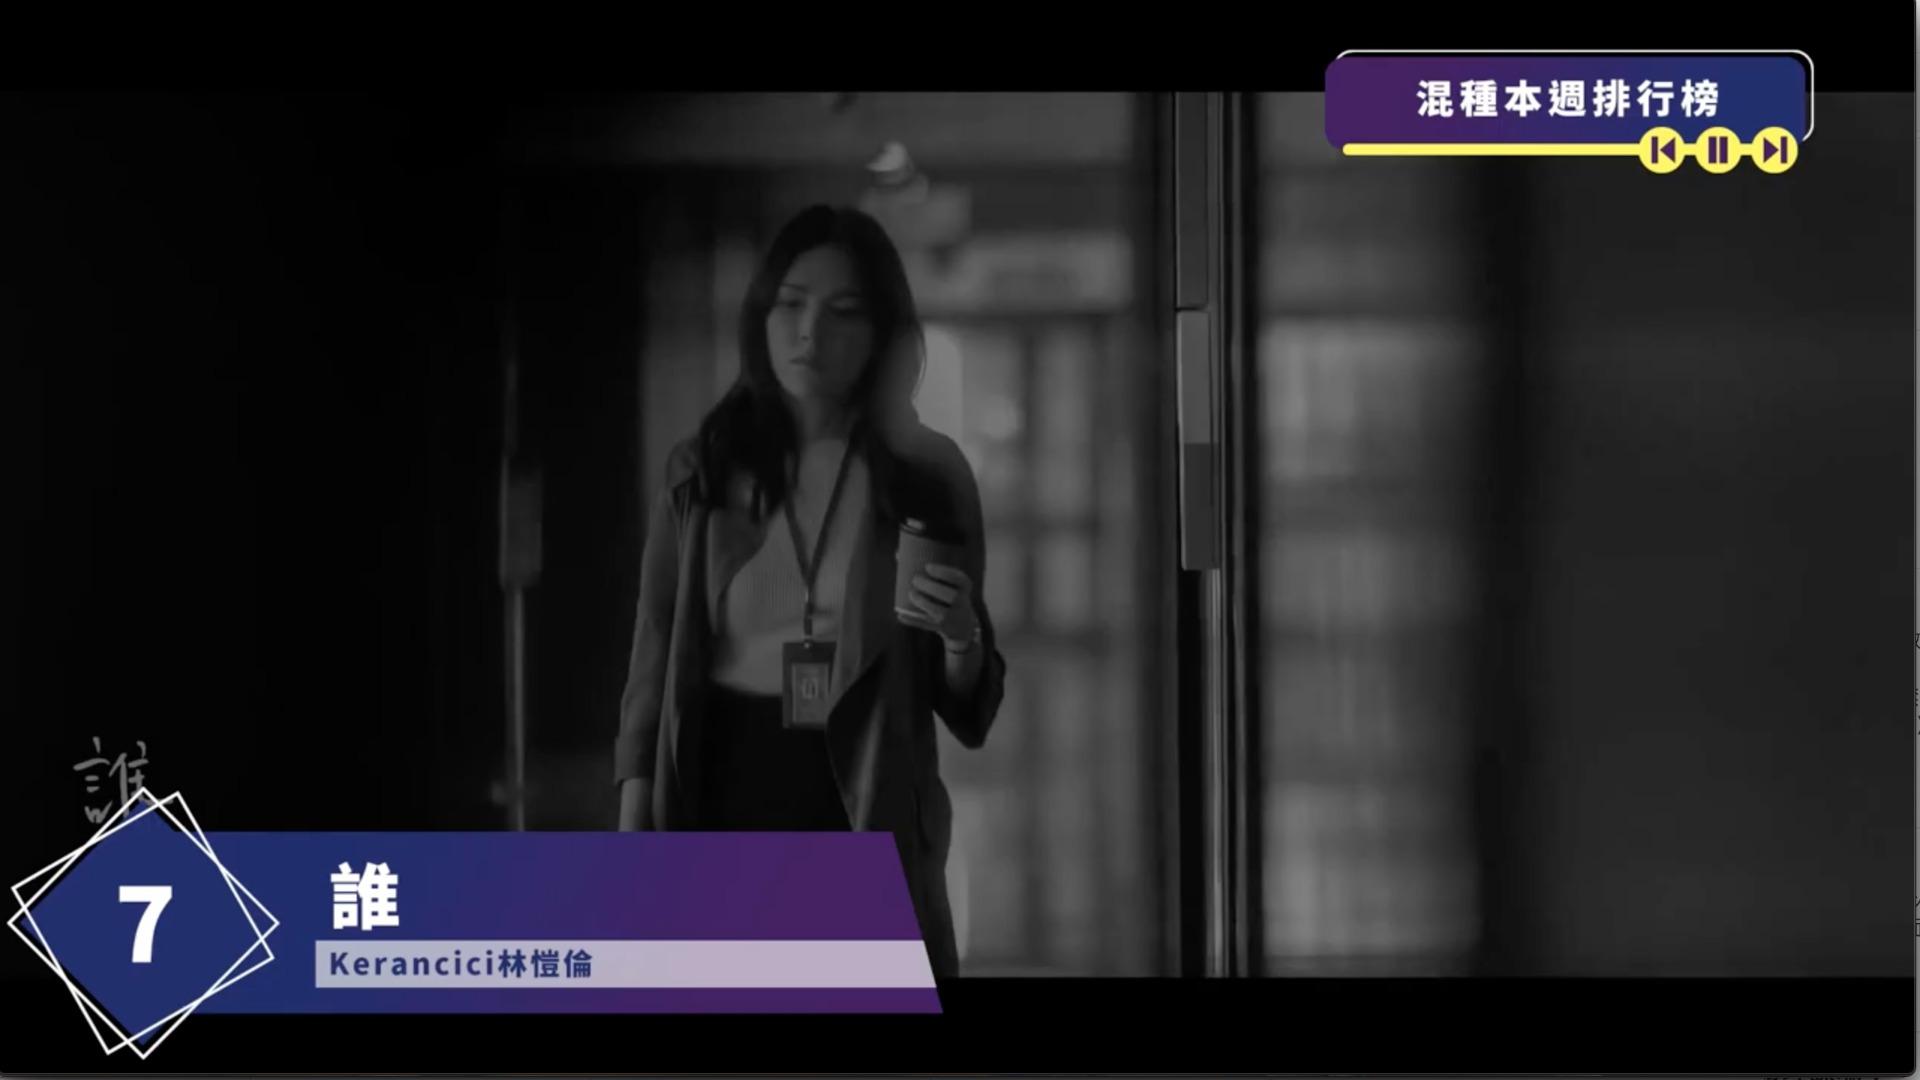 台灣指標華語新歌榜 | 排行榜 EP3